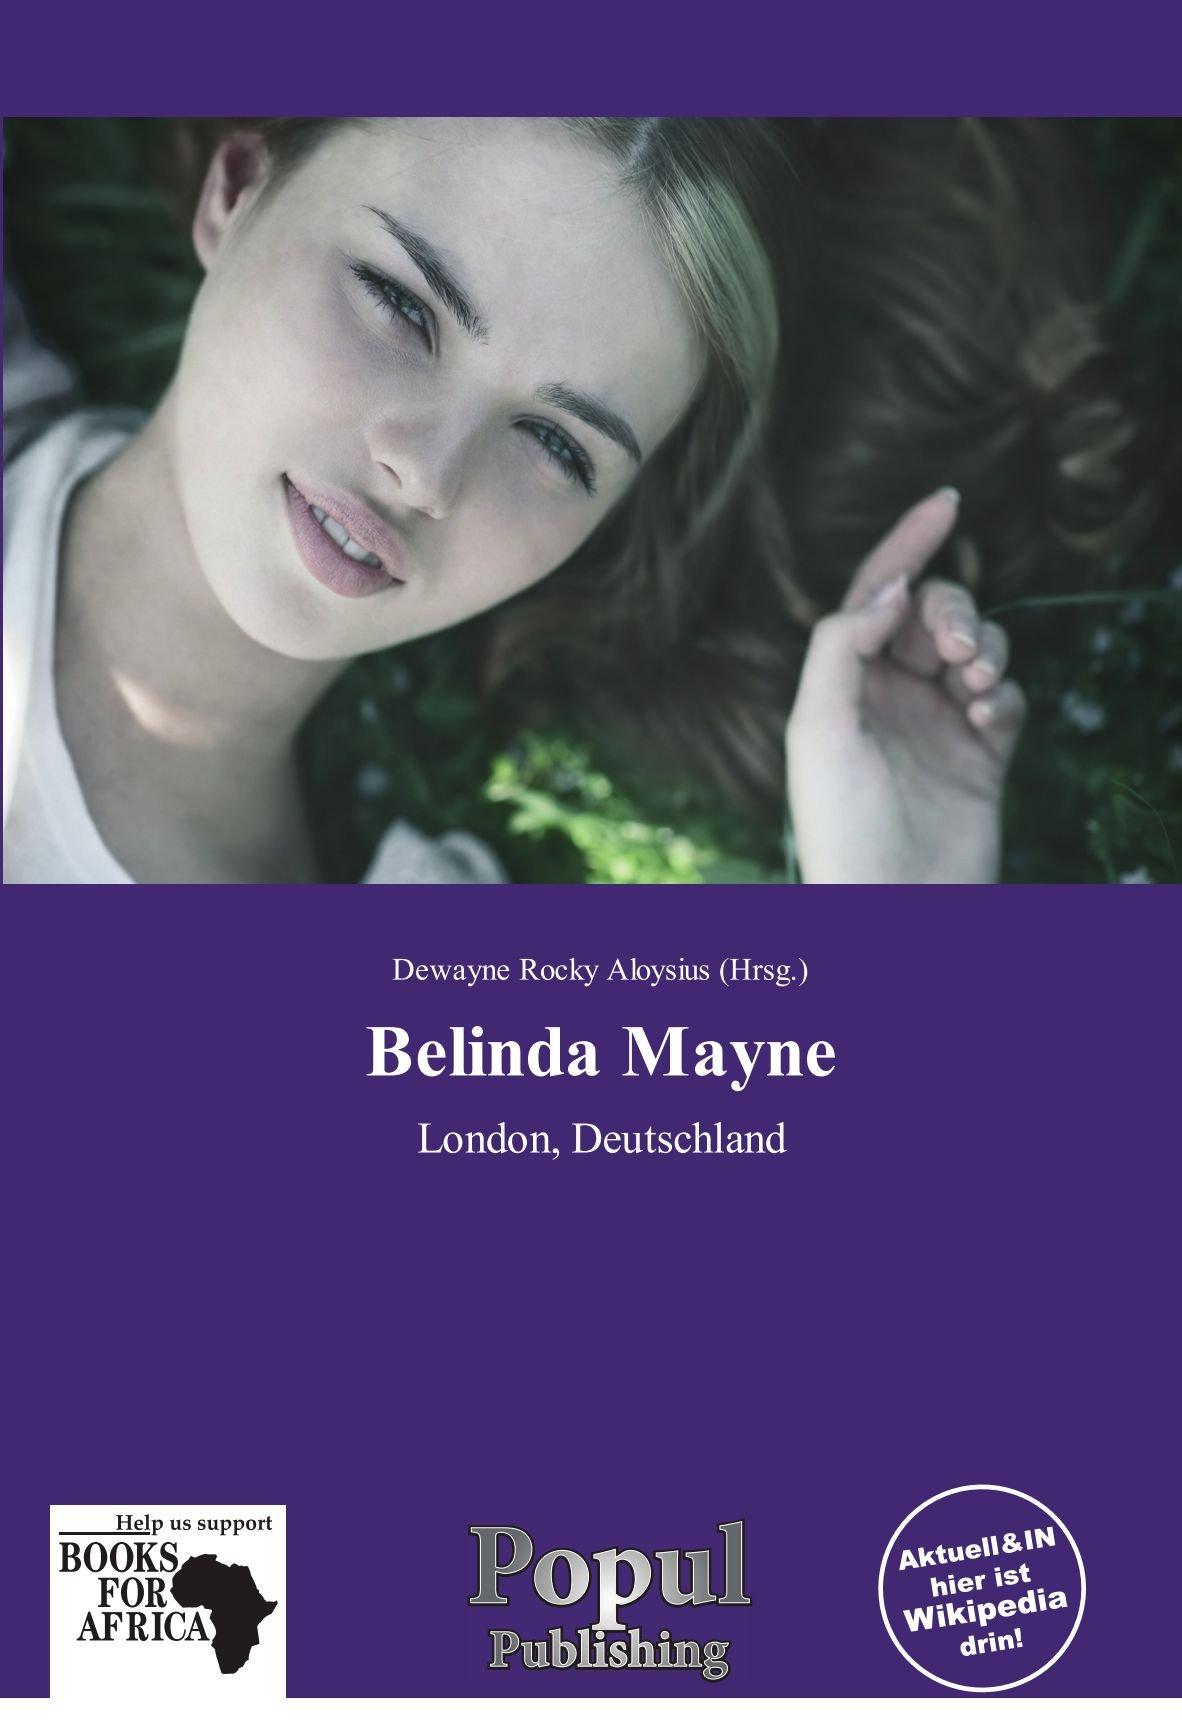 Belinda Mayne Nude Photos 75